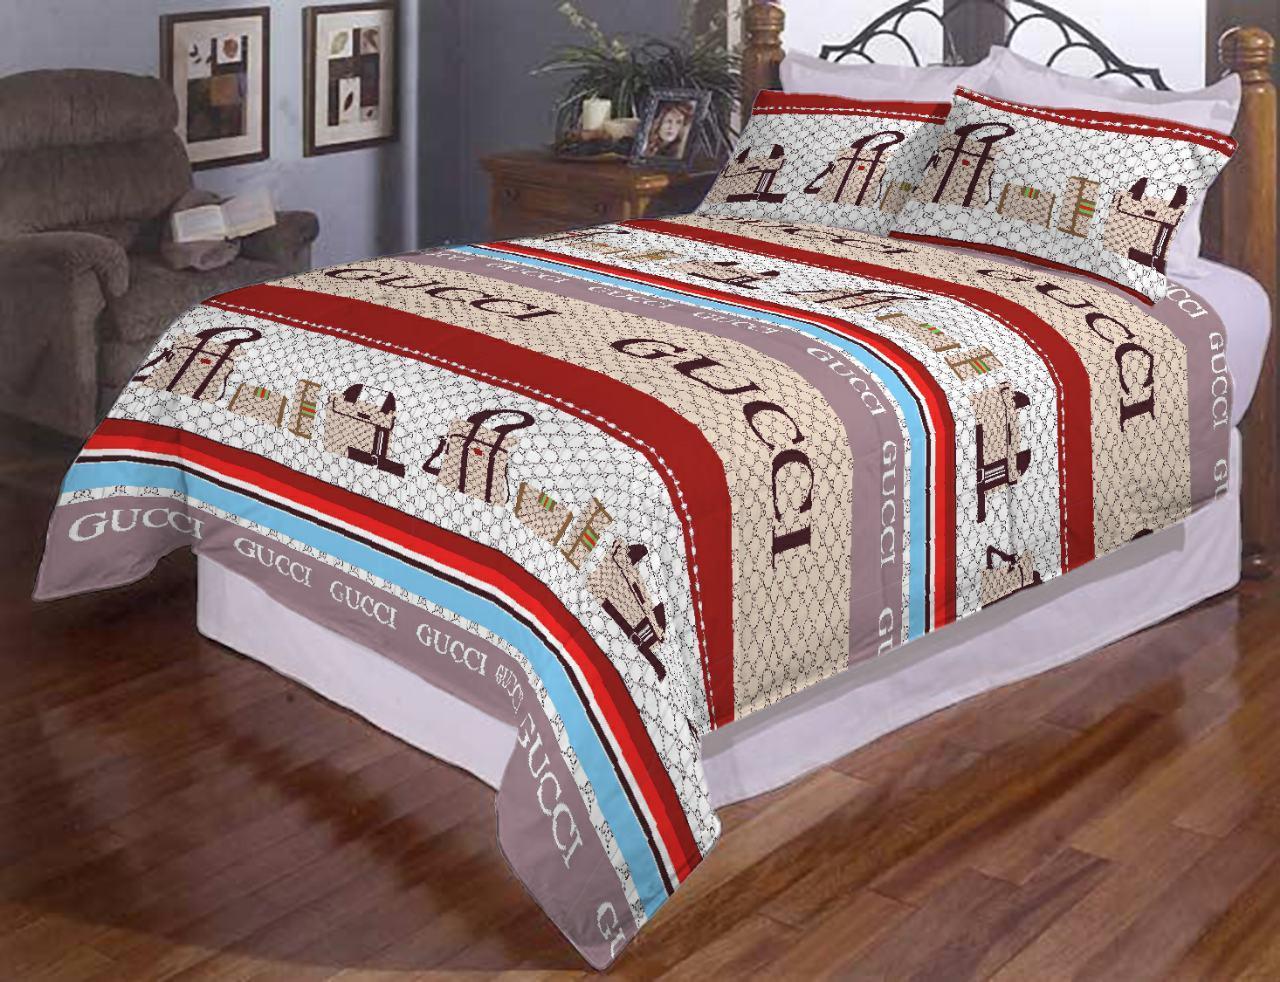 Комплект двуспального постельного белья Гуччи полоска